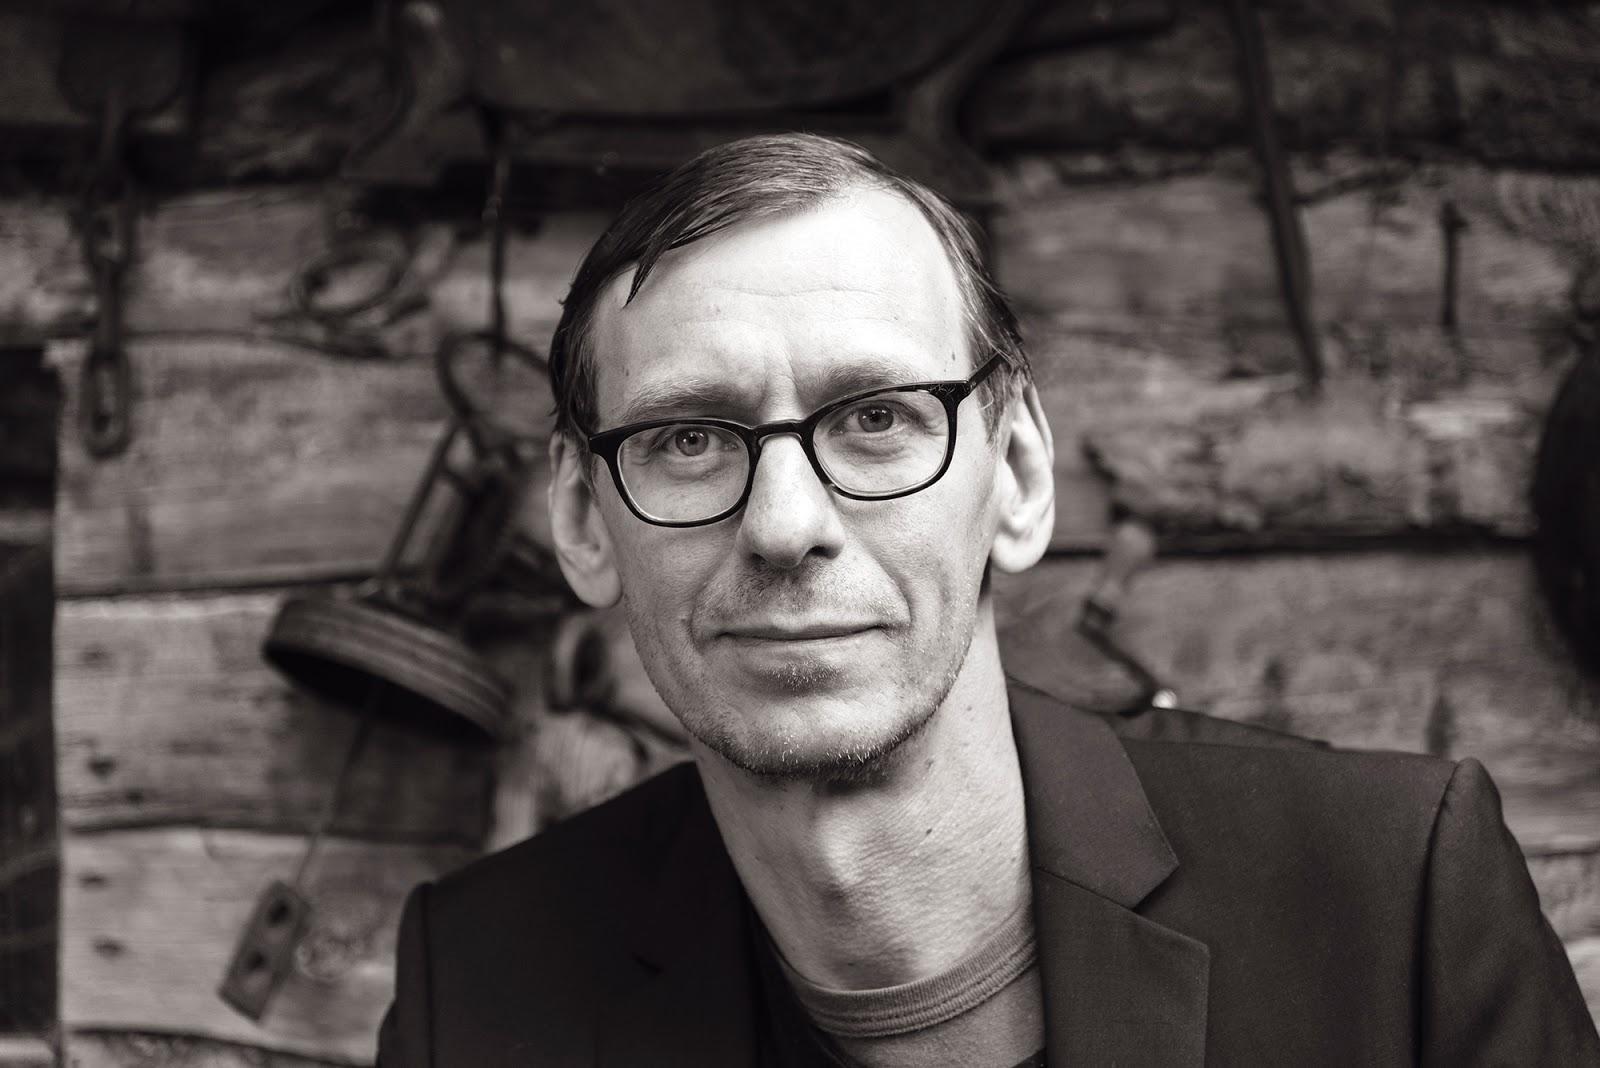 En 1966 nació Christian Lorenz de Rammstein